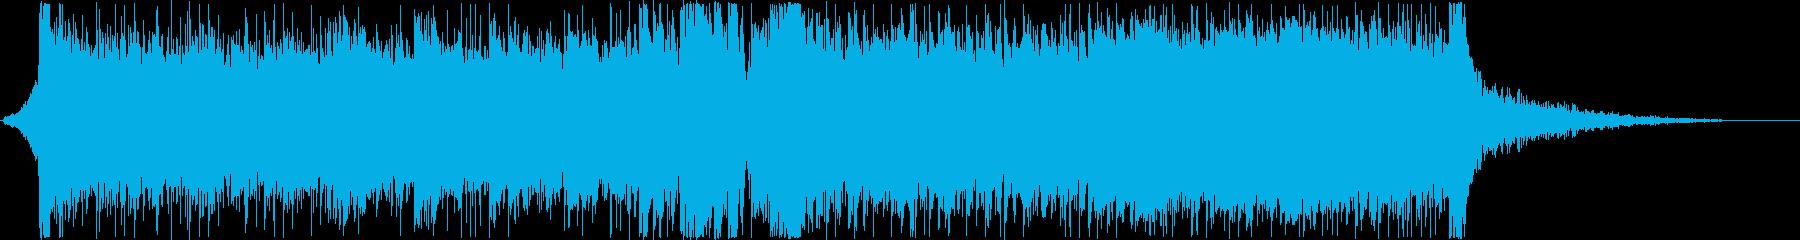 イベント オープニング ロック 激しいの再生済みの波形